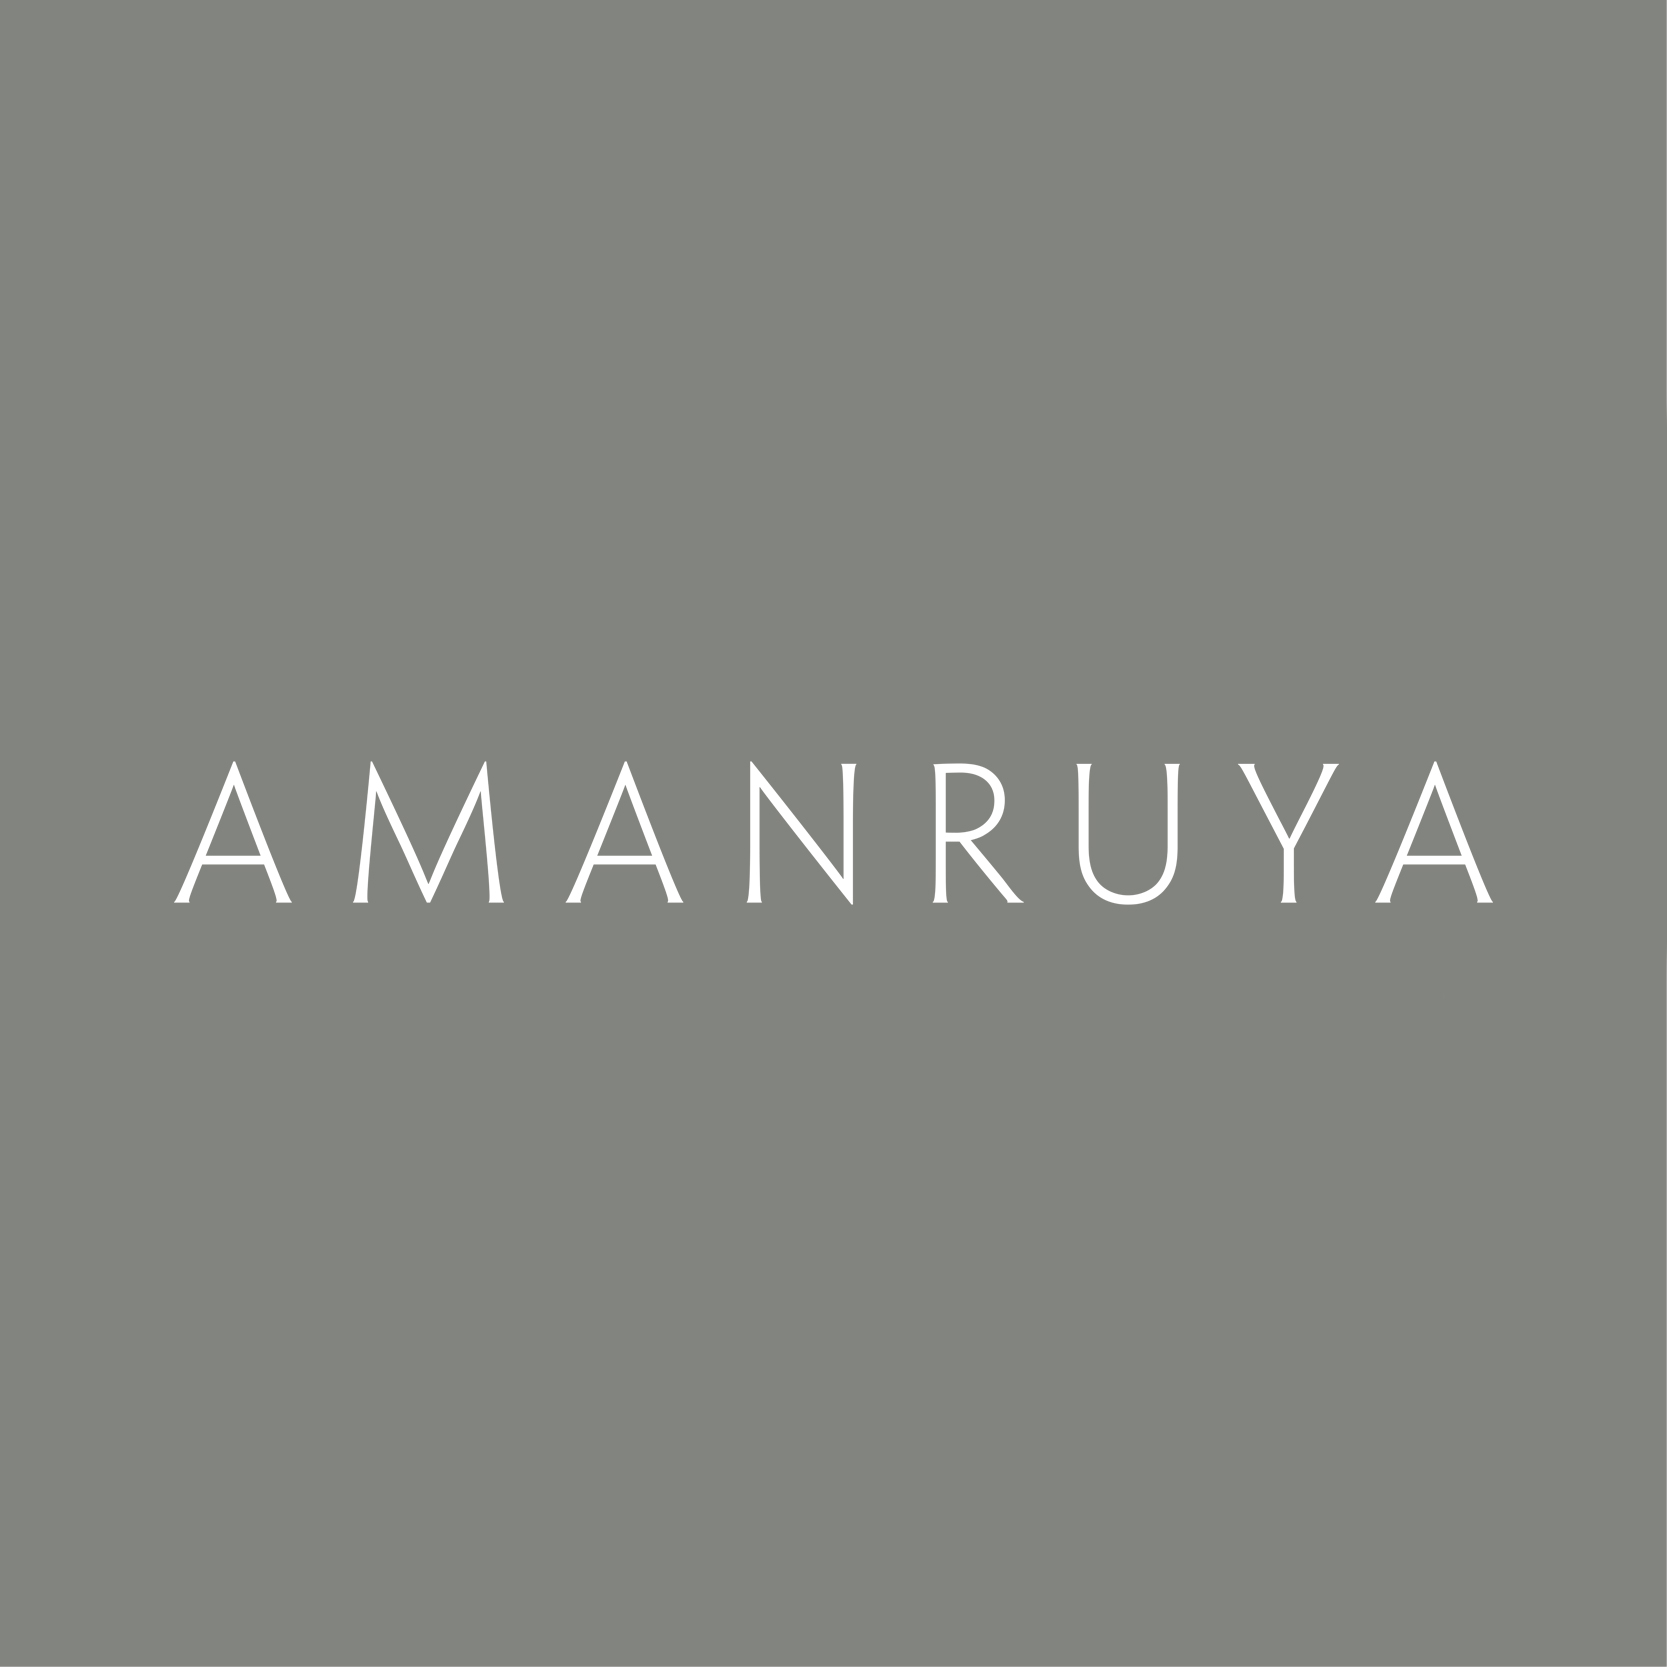 Amanruya